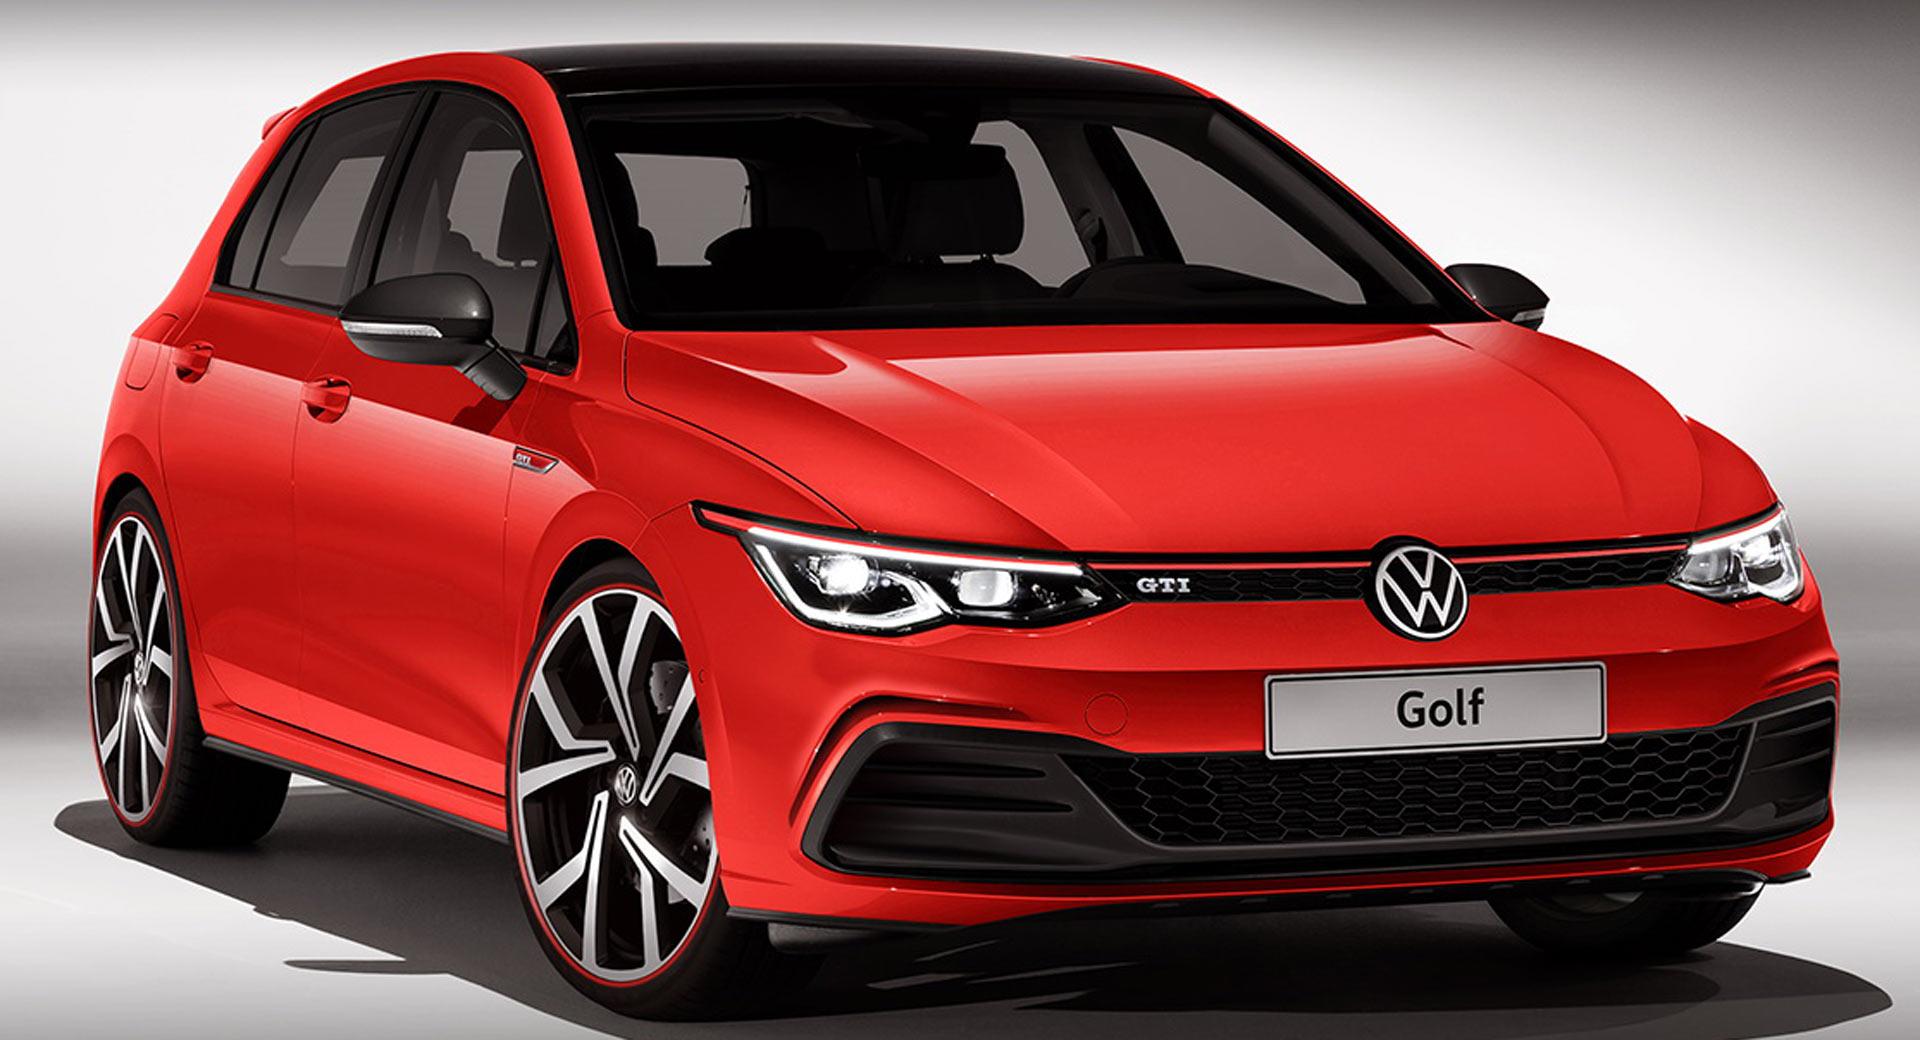 Nuova Volkswagen Golf 8 GTI 2020, prima uscita al Salone di Ginevra?